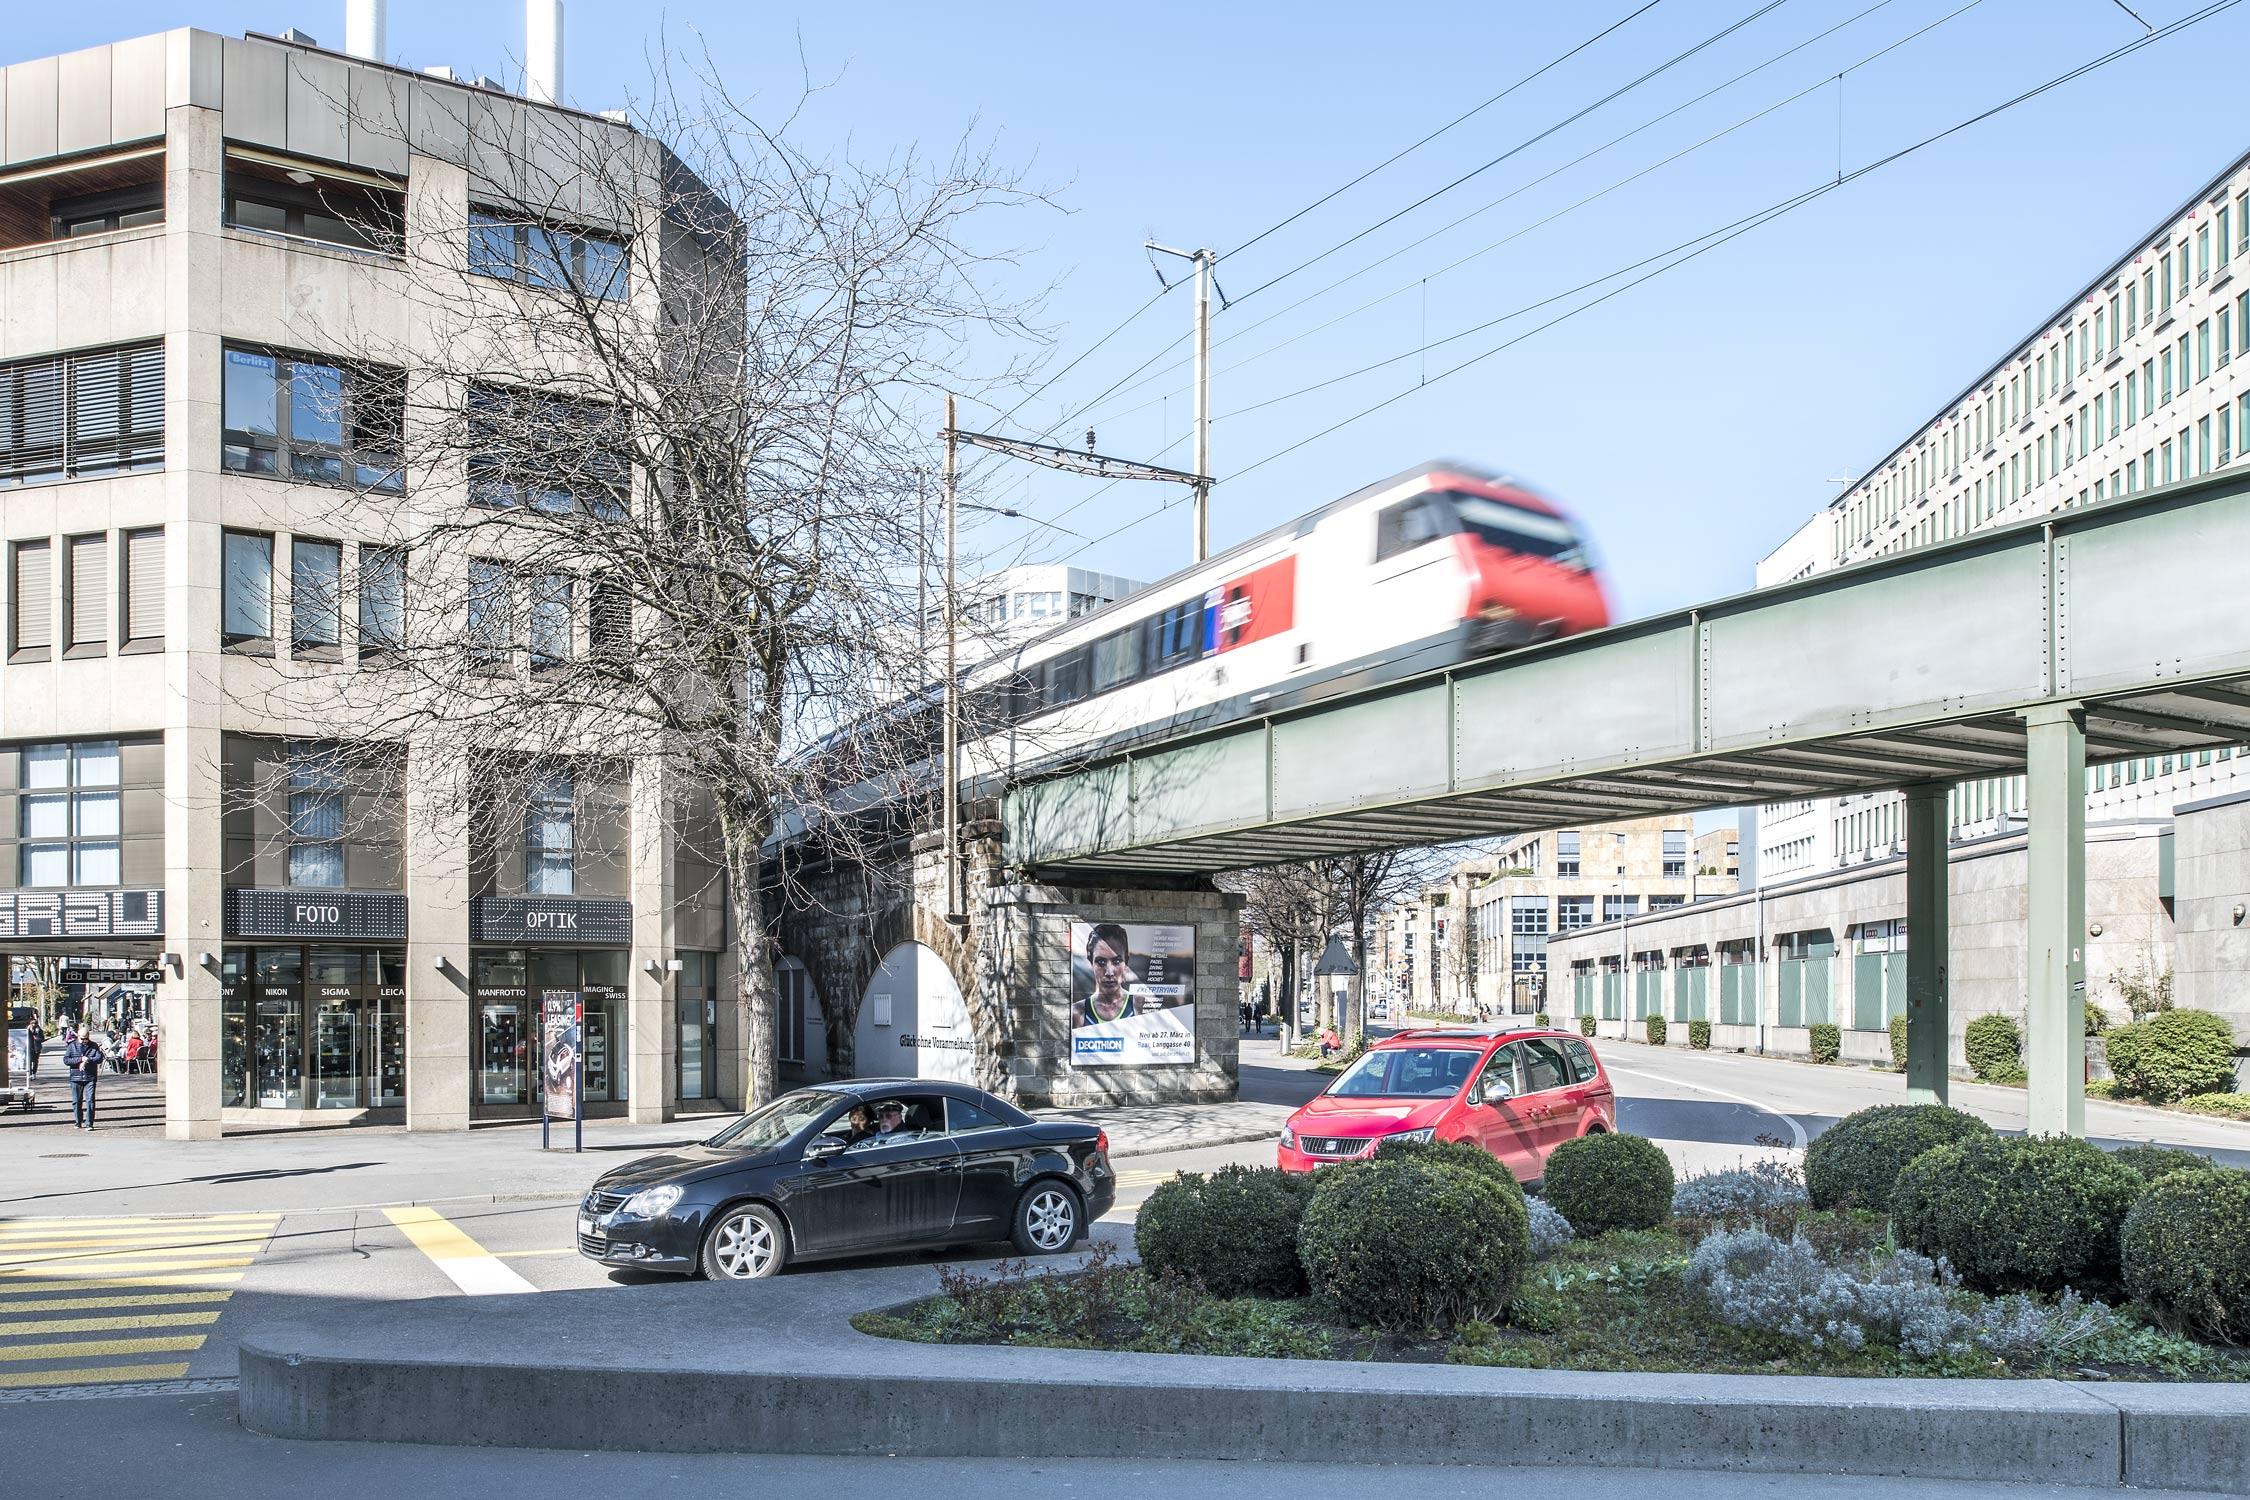 Bahnlinie durch Zug Bundesplatz Fotografie Regine Giesecke